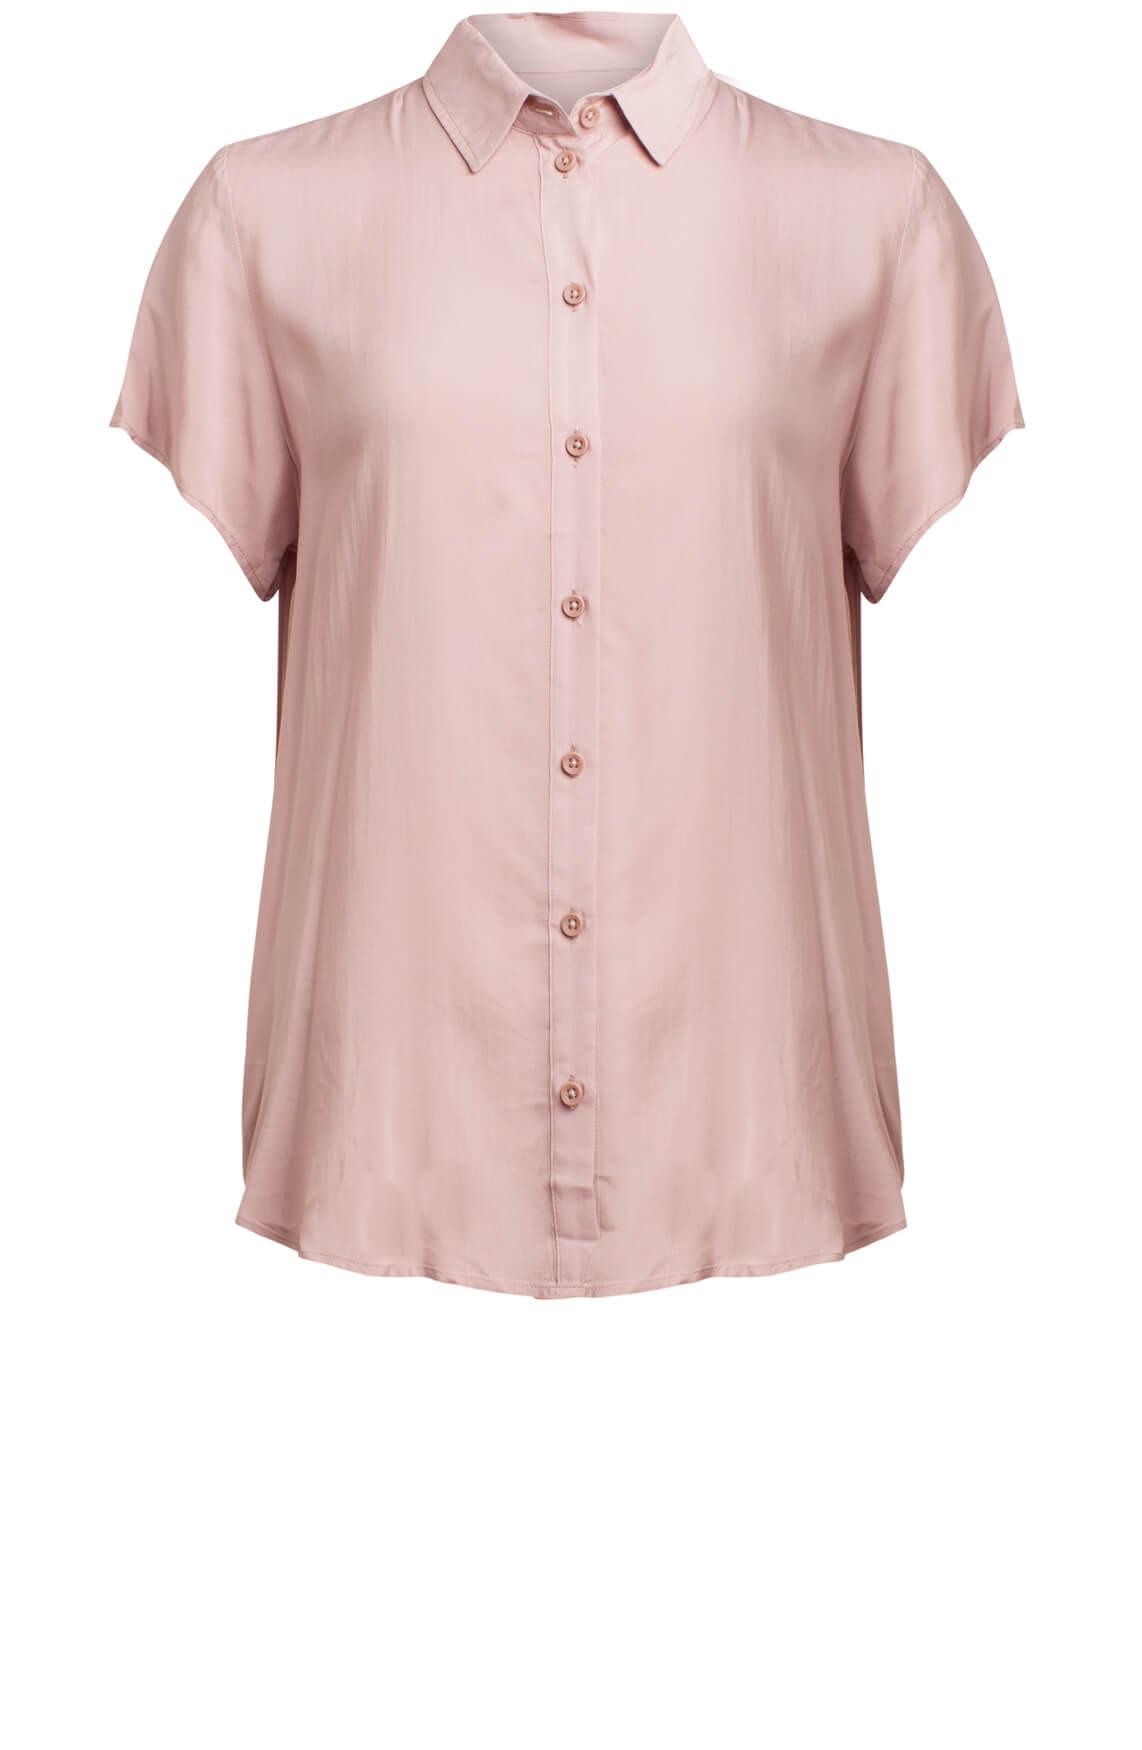 Samsoe Samsoe Dames Maj blouse roze roze